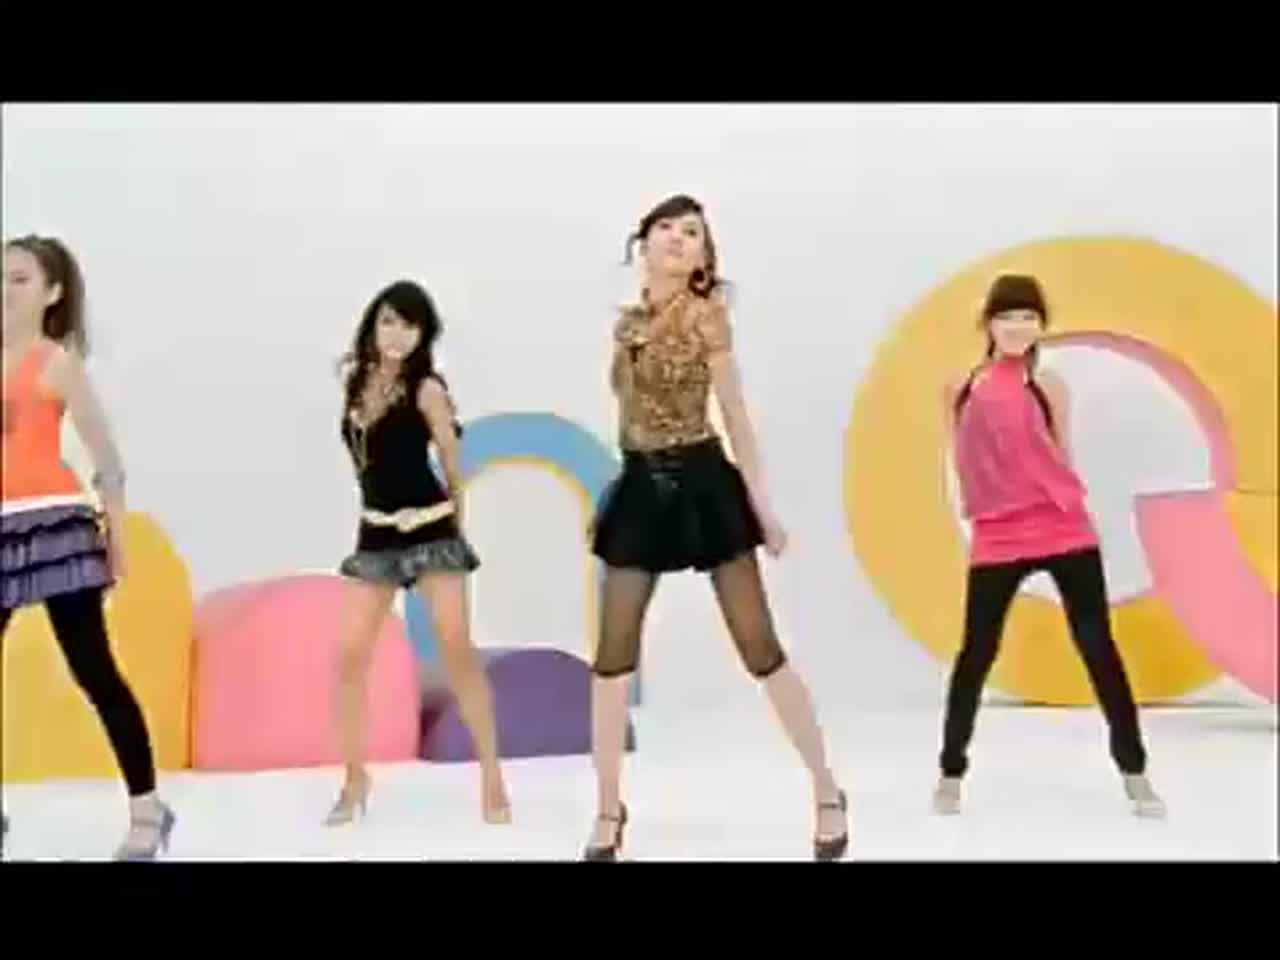 當年紅到翻的Wonder Girls的《Tell me》 輕快的節奏及朗朗上口的副歌,整首歌洋溢著一種青春可愛的感覺~(望向遠方....)